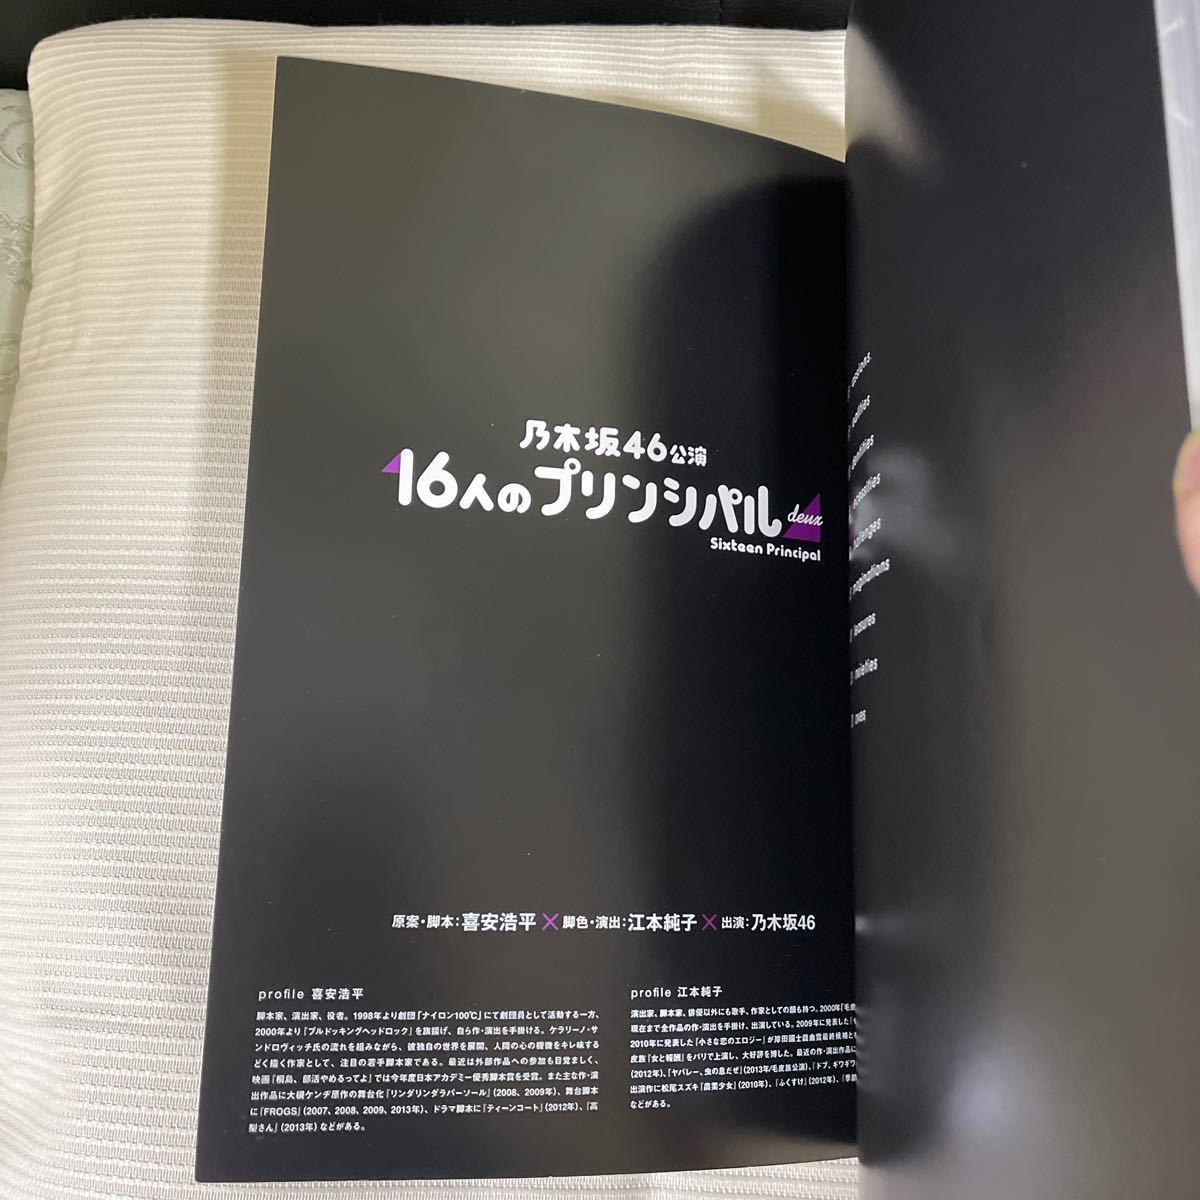 乃木坂46 16人のプリンシパル 写真集